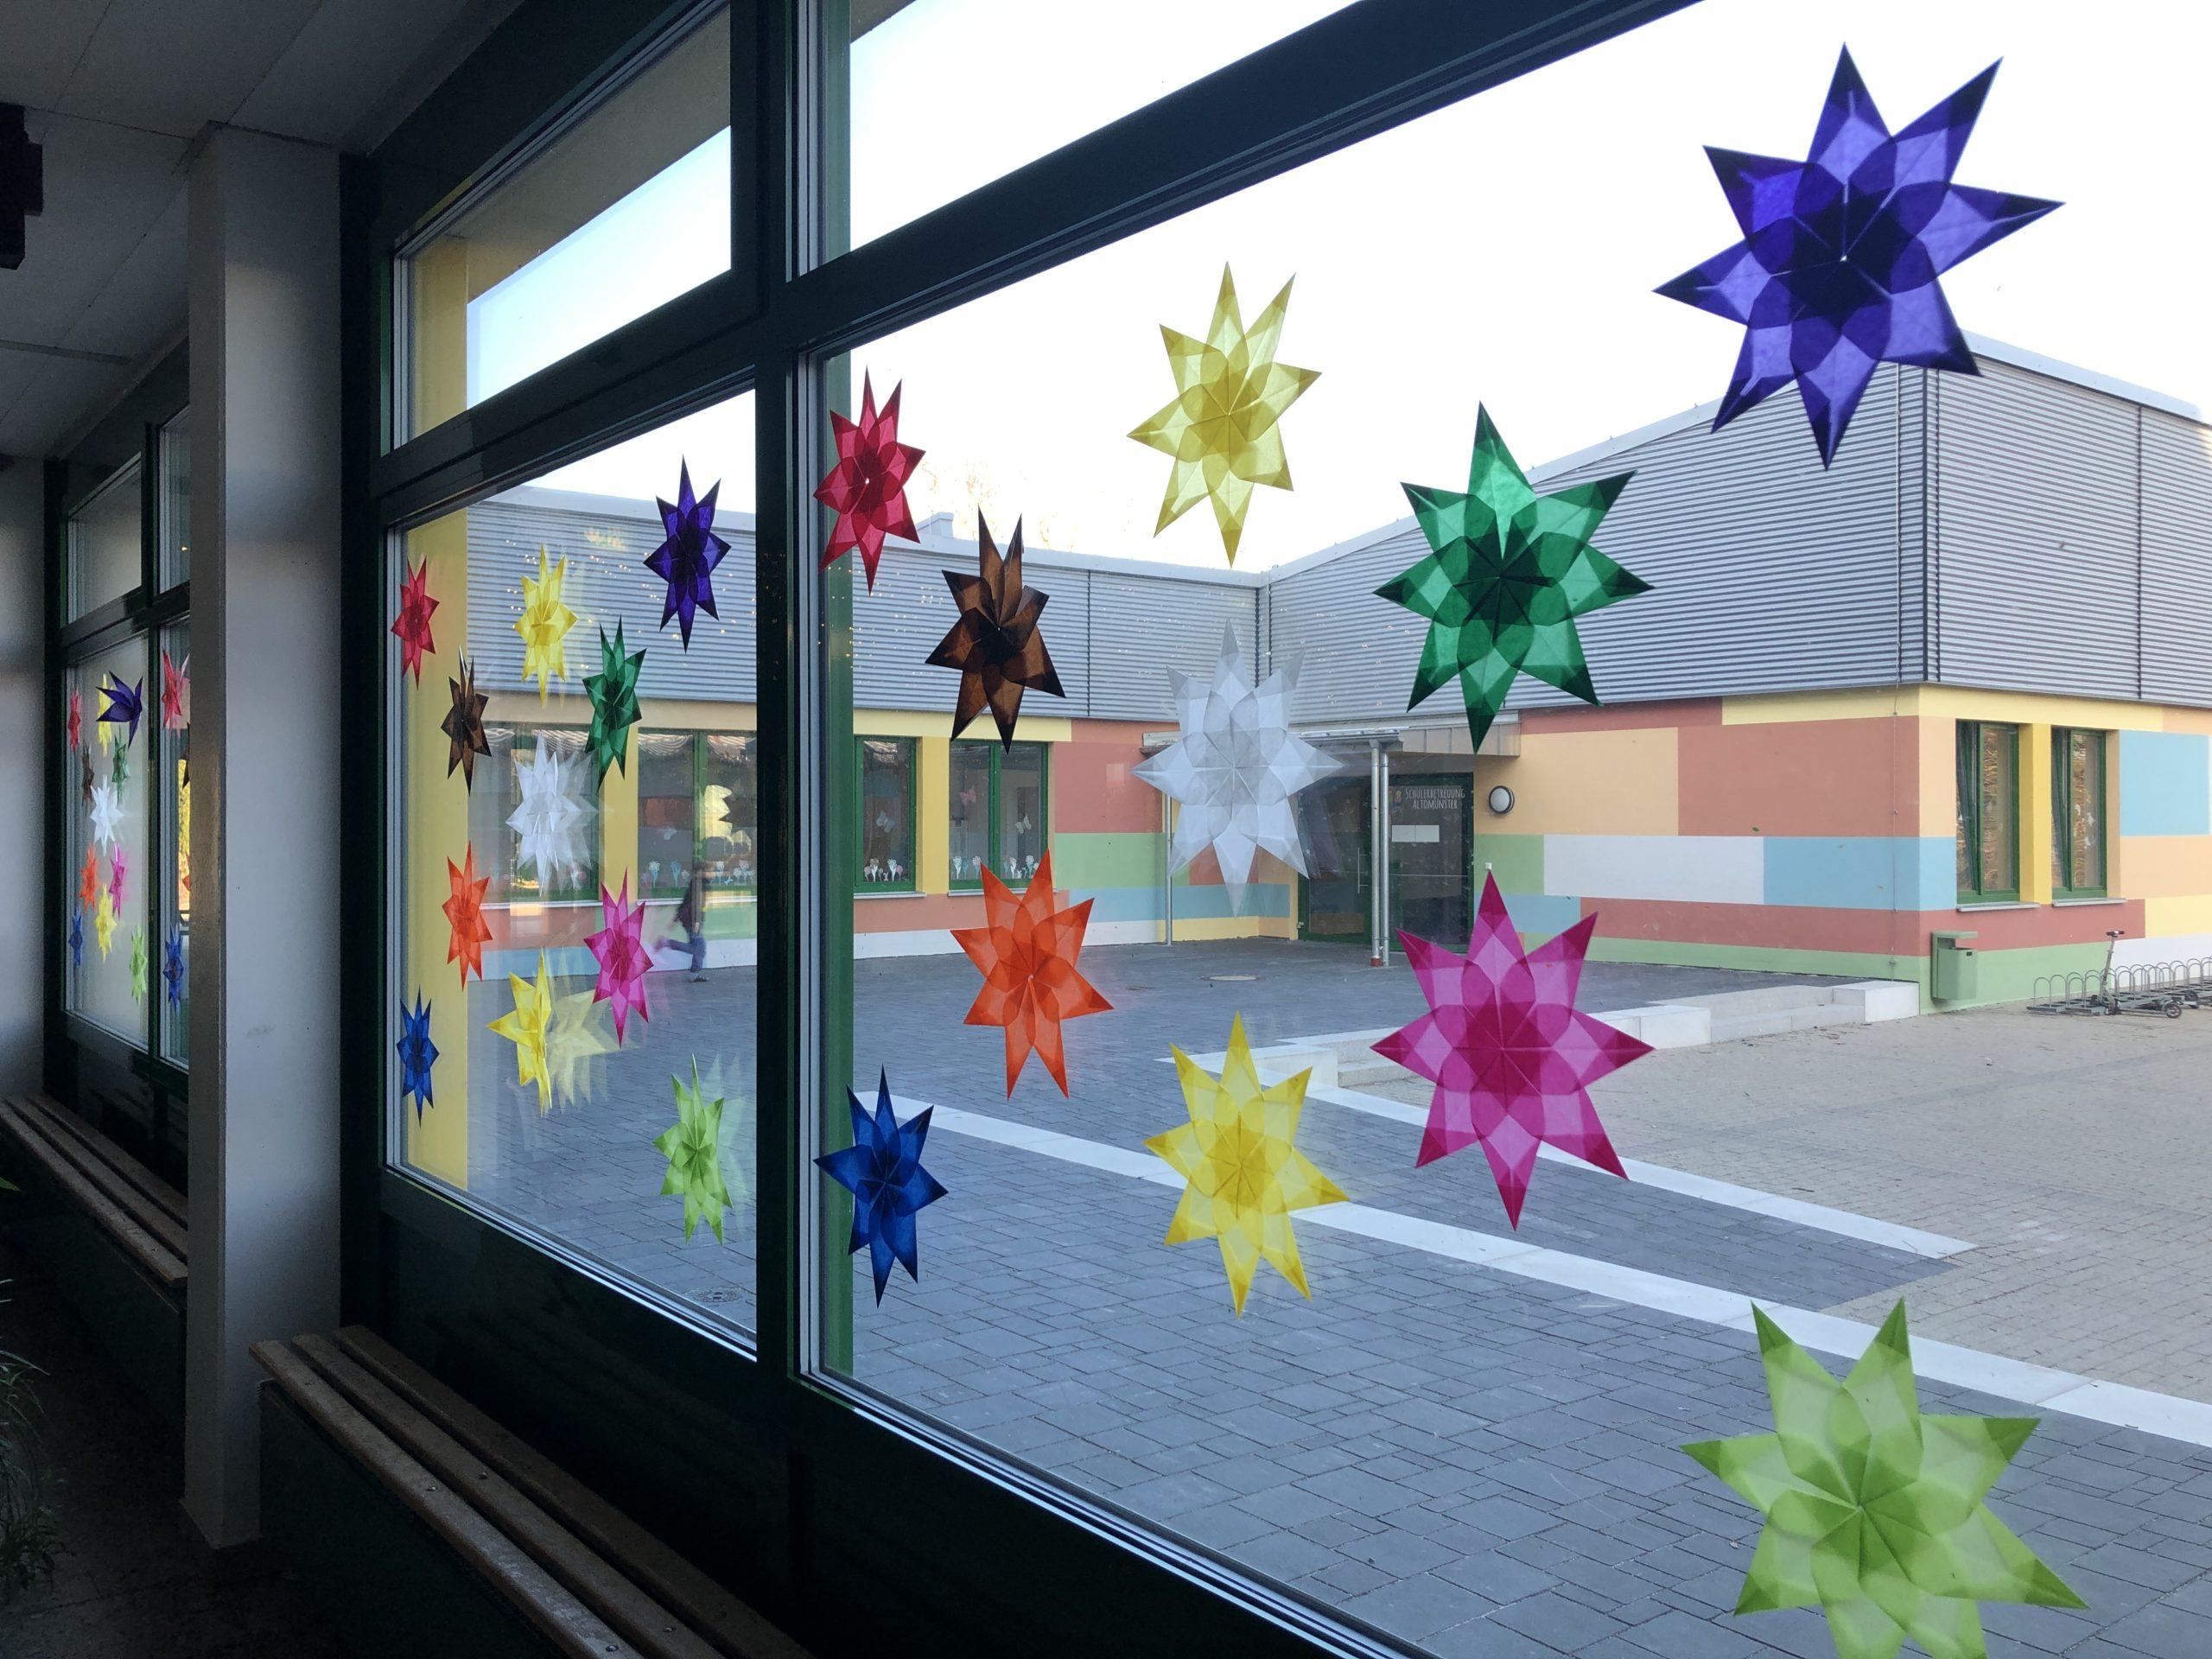 Bunte Weihnachtssterne schmücken die Fenster